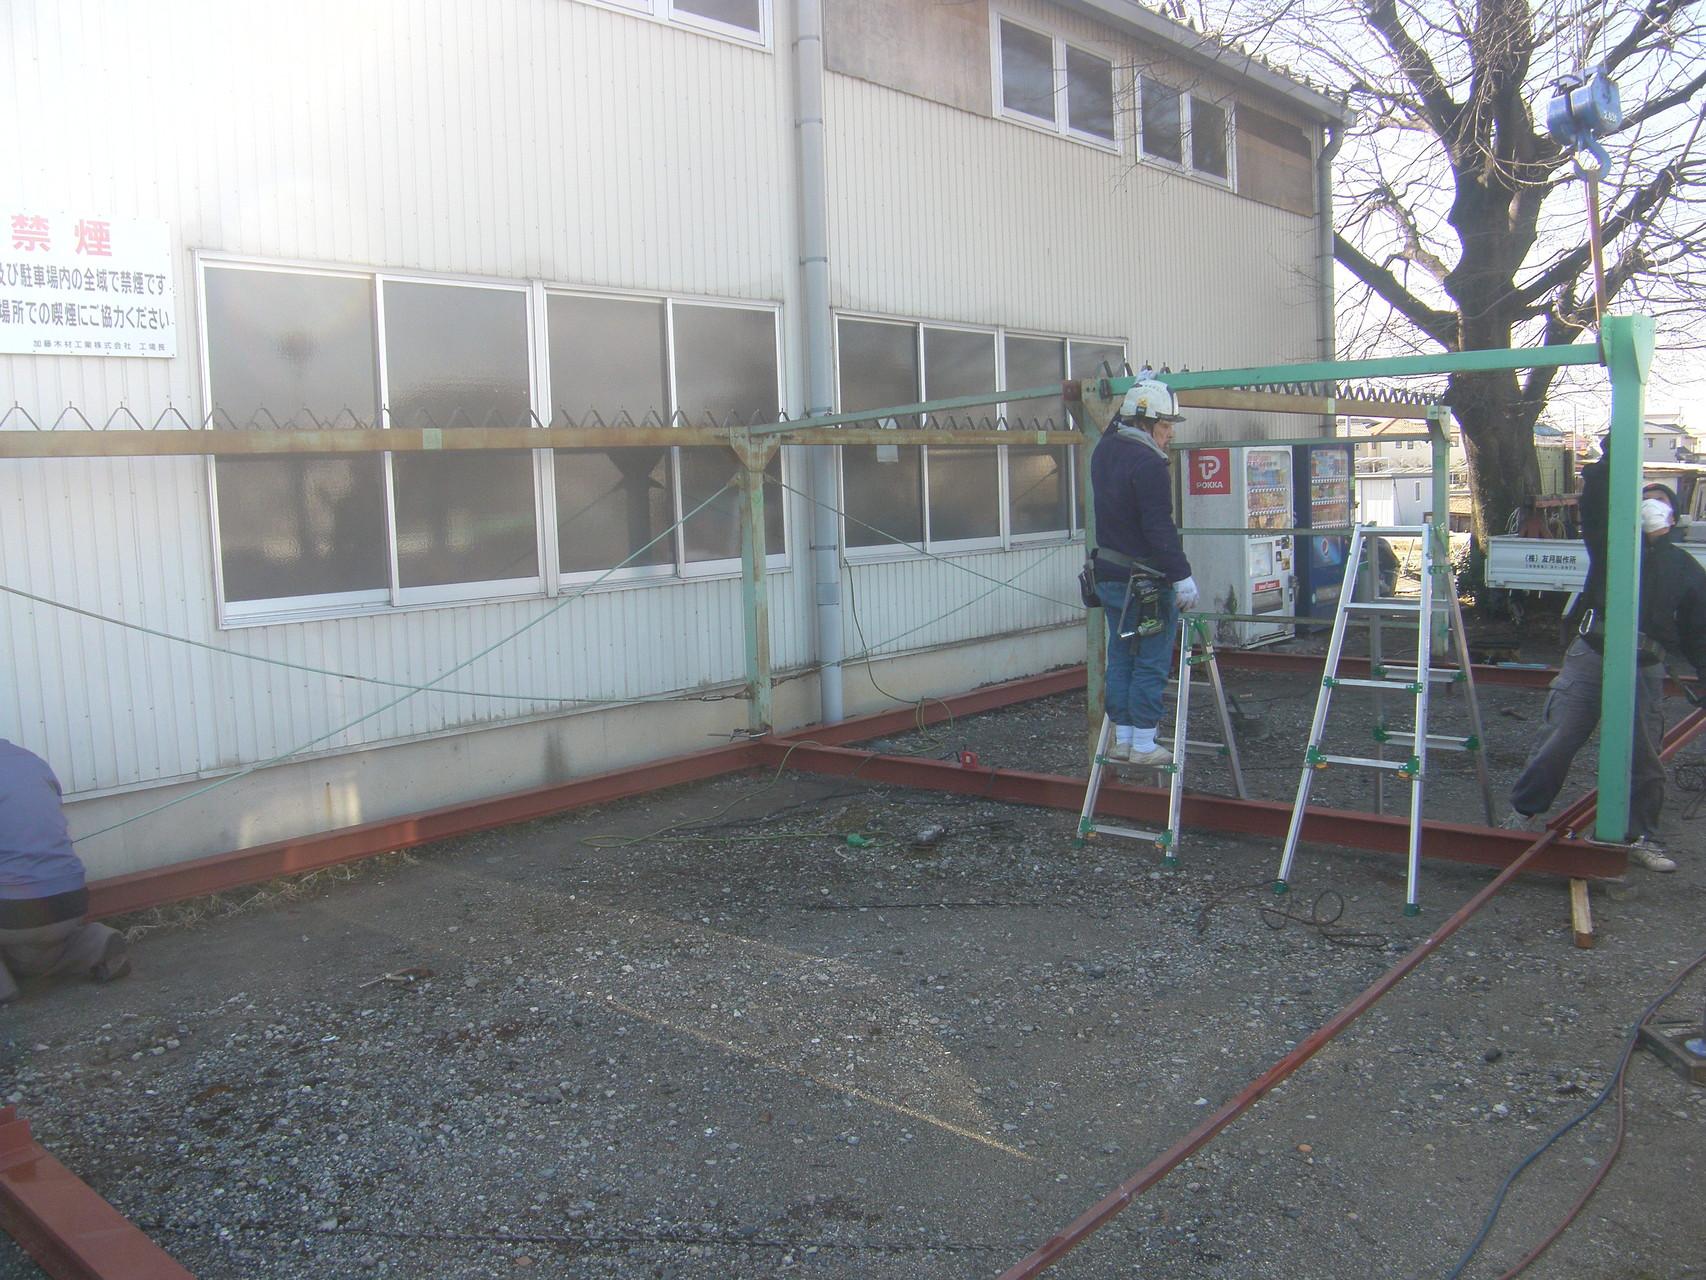 自転車置き場移設工事:工程写真